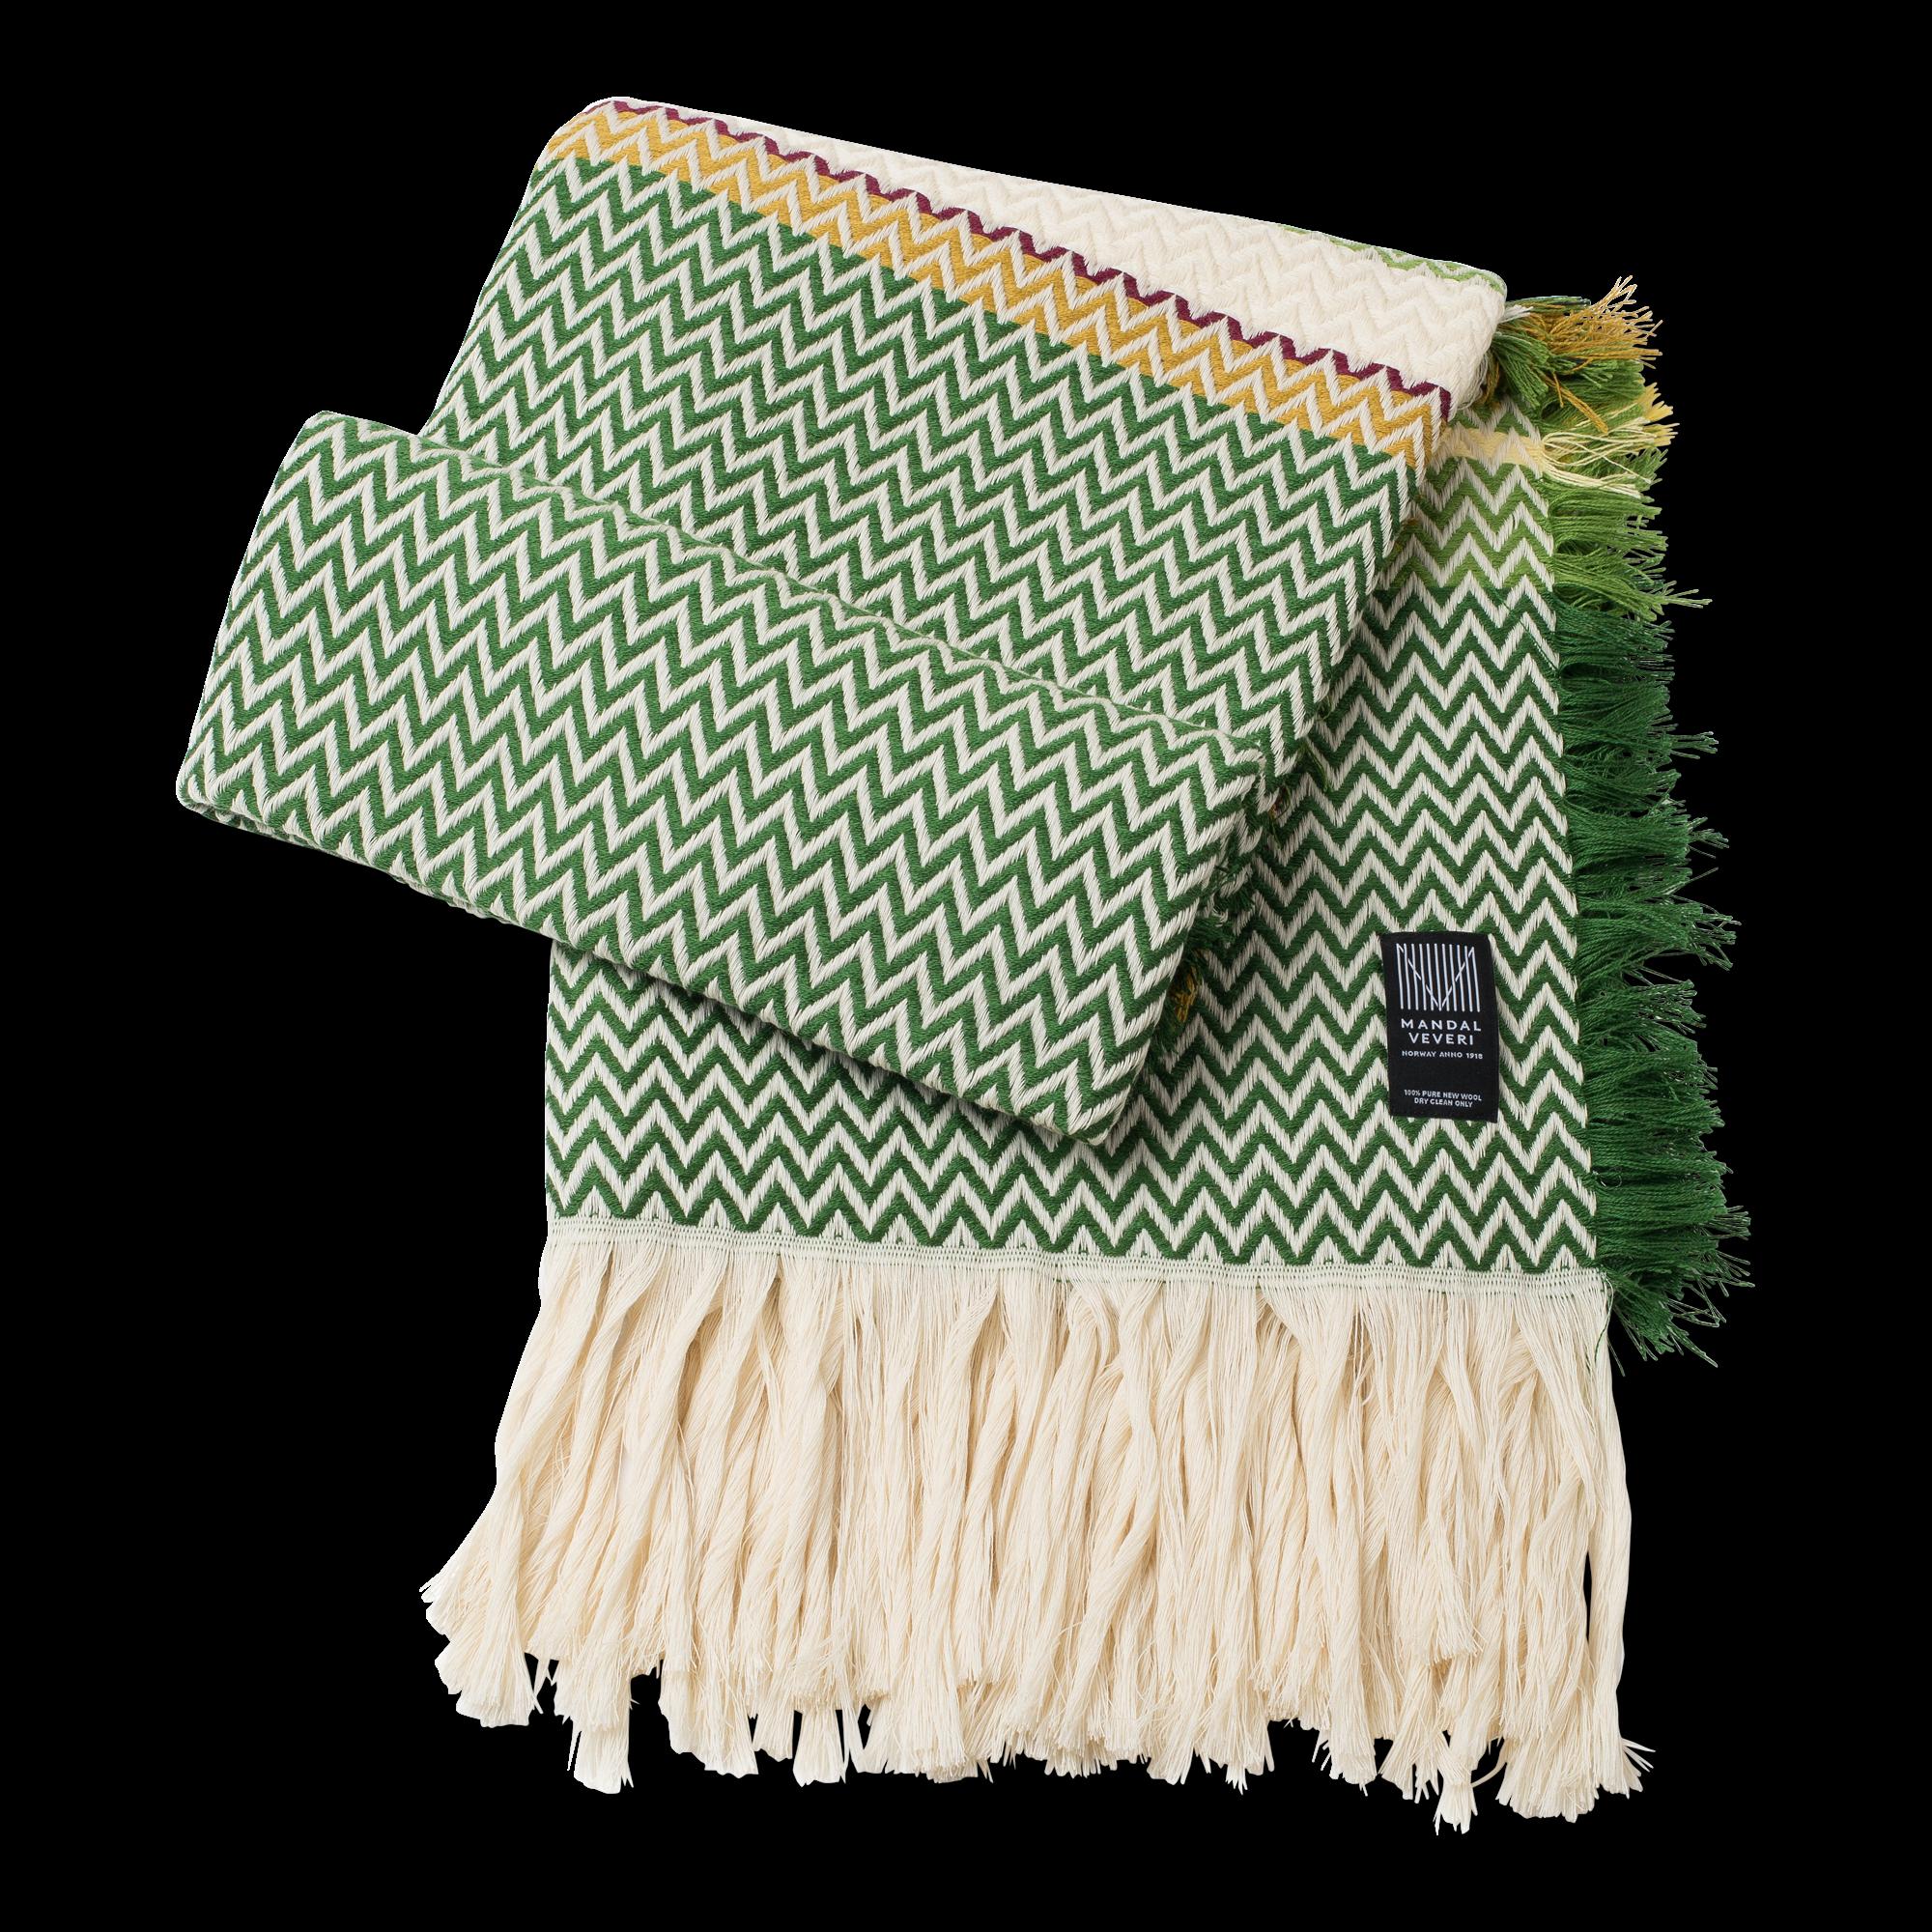 bunad-blanket-gol-fram-oslo